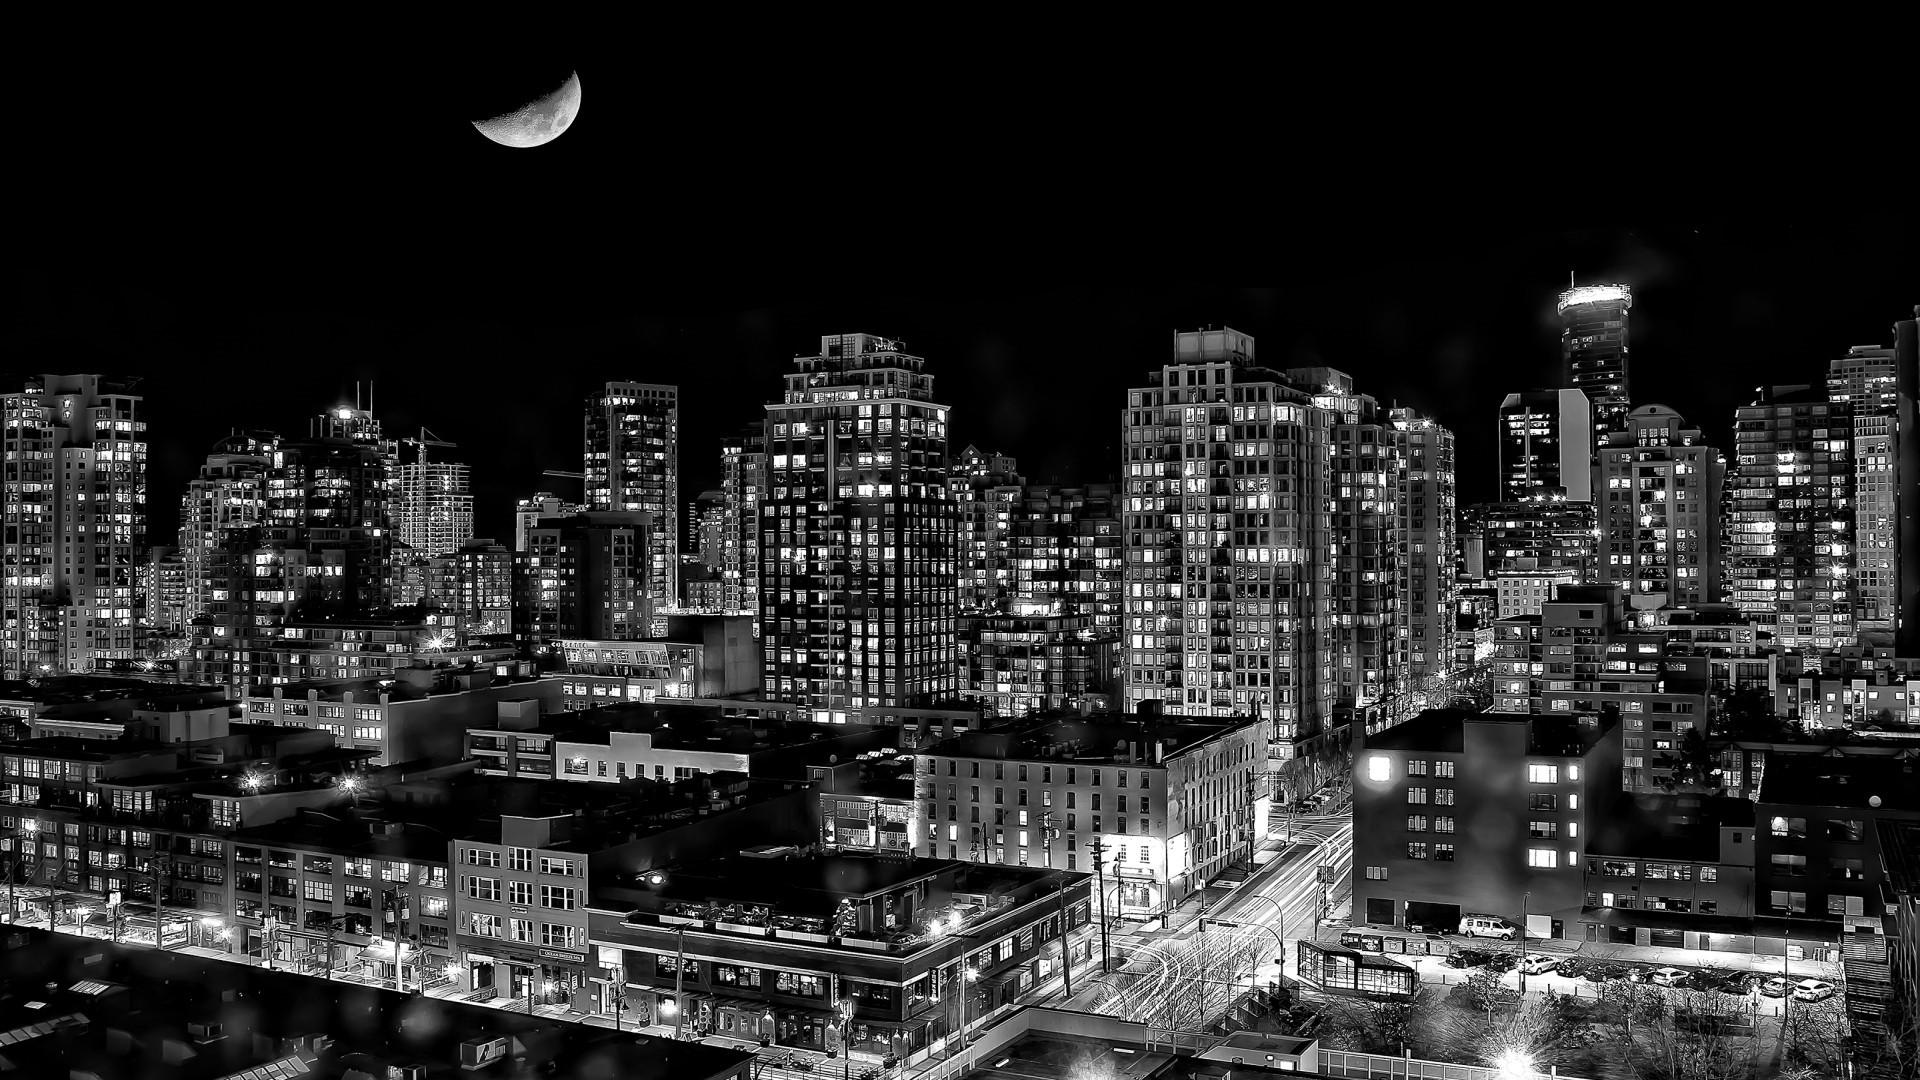 Dark City Wallpaper Full HD